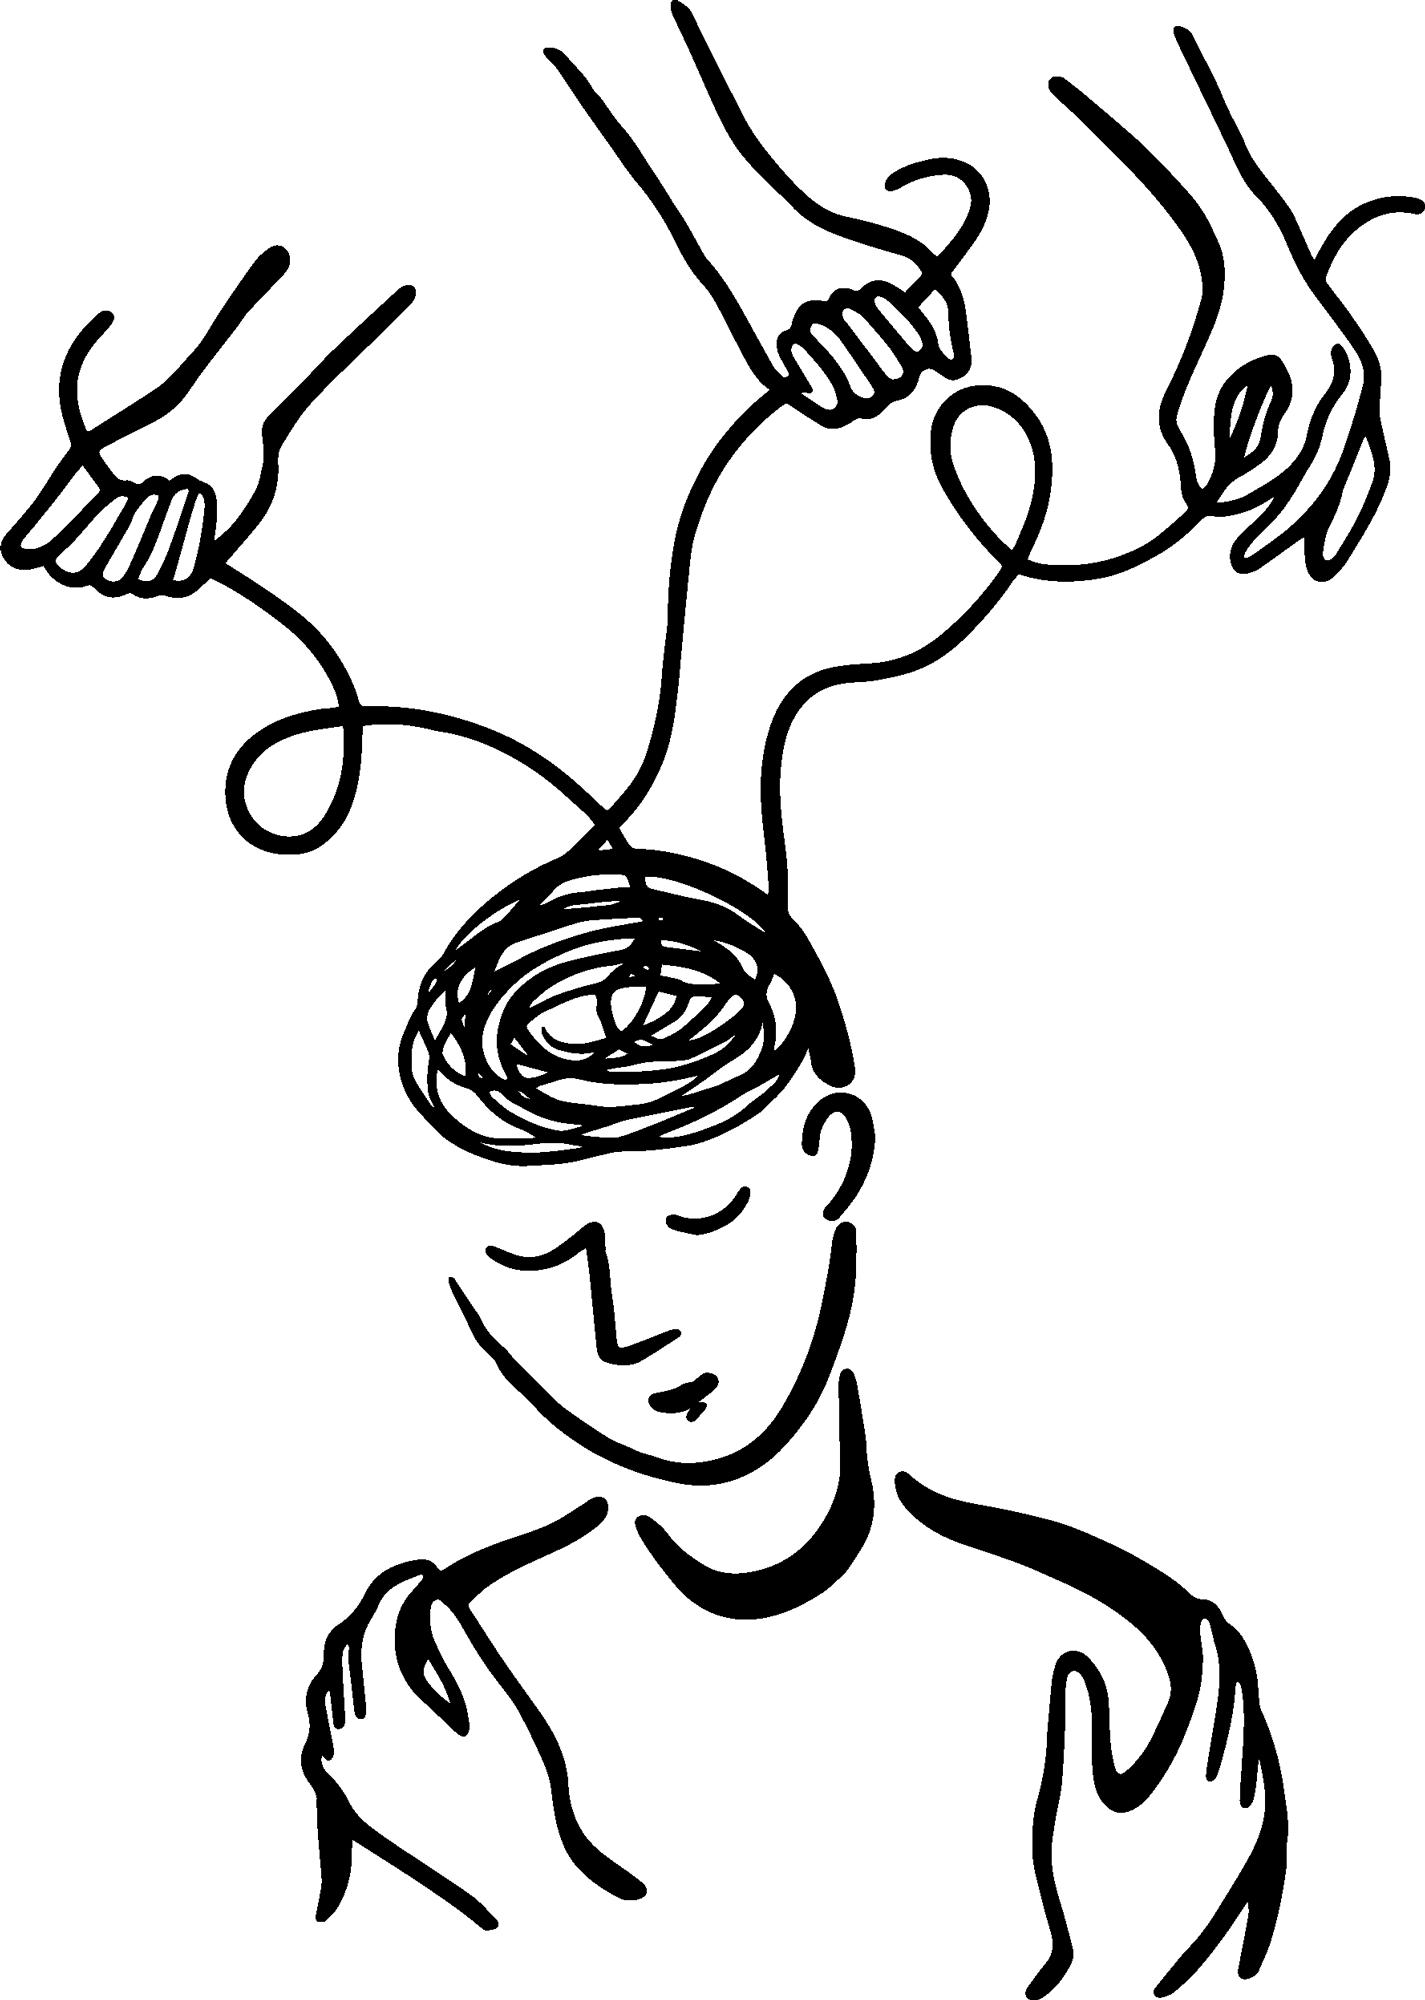 Handgezeichnete Illustration mit einem Menschen dessen Kopf von Händen gesteuert wird